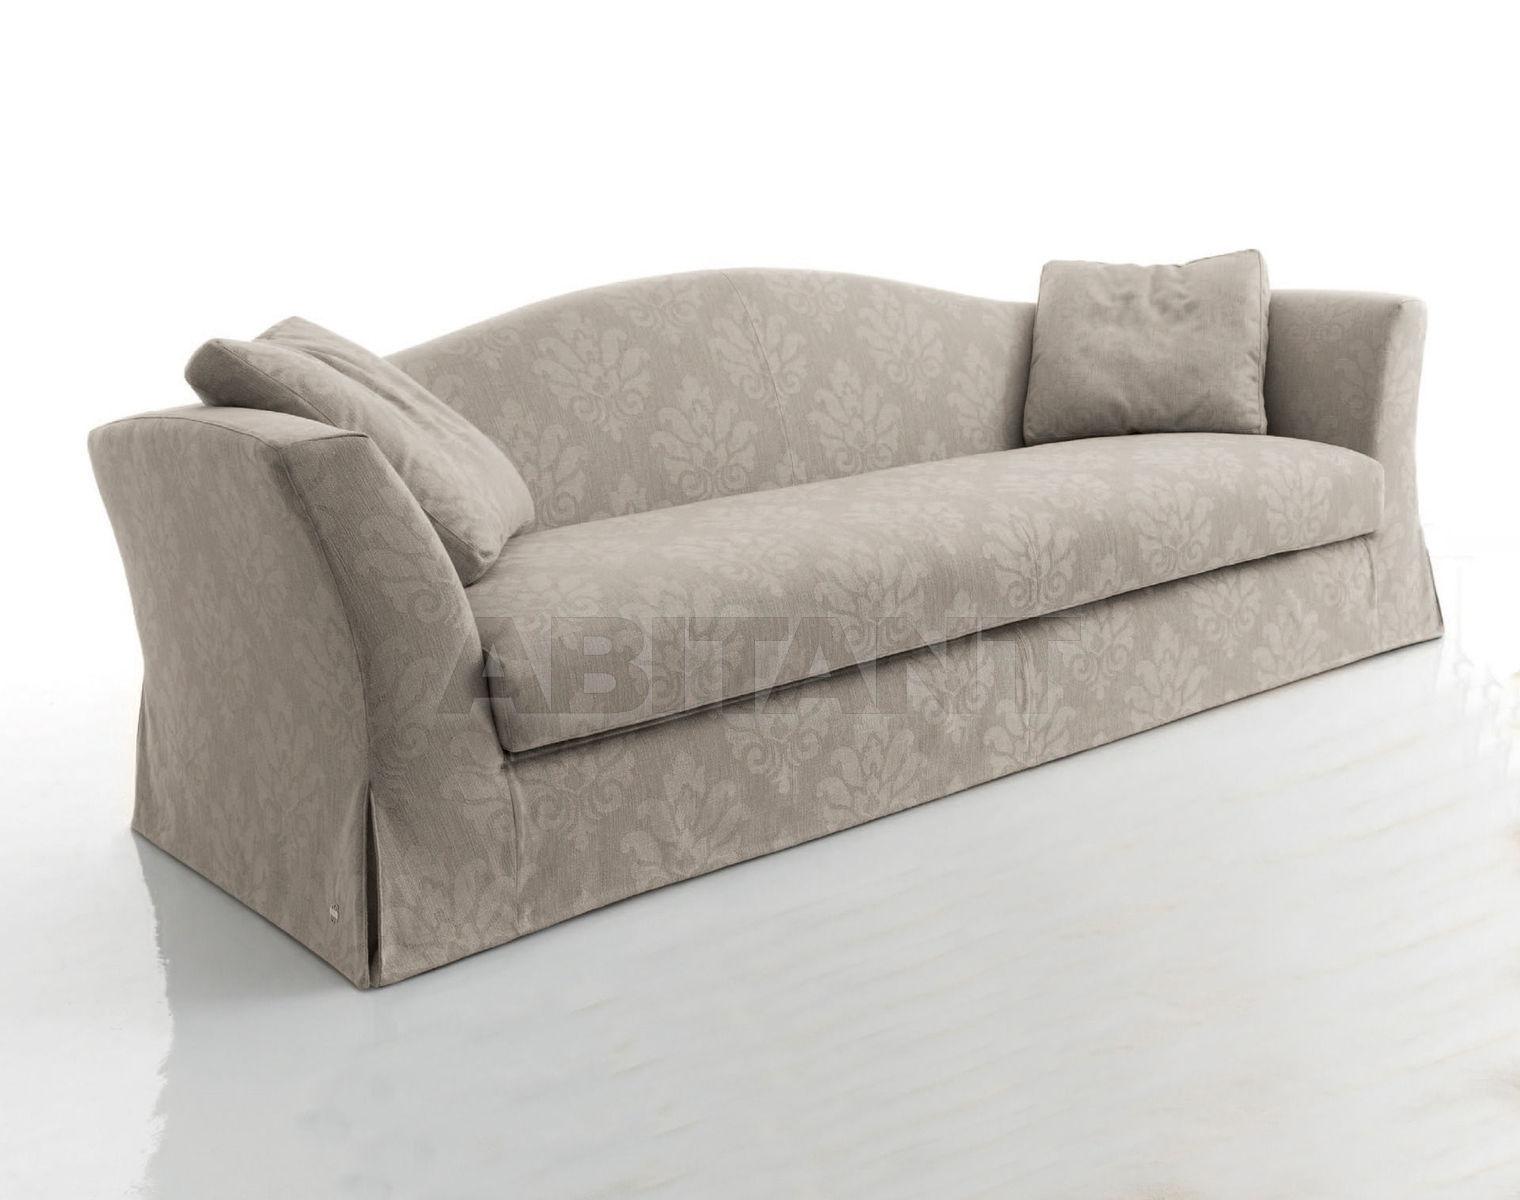 Buy Sofa Unique Vogue Margot DIVANO 4P 2